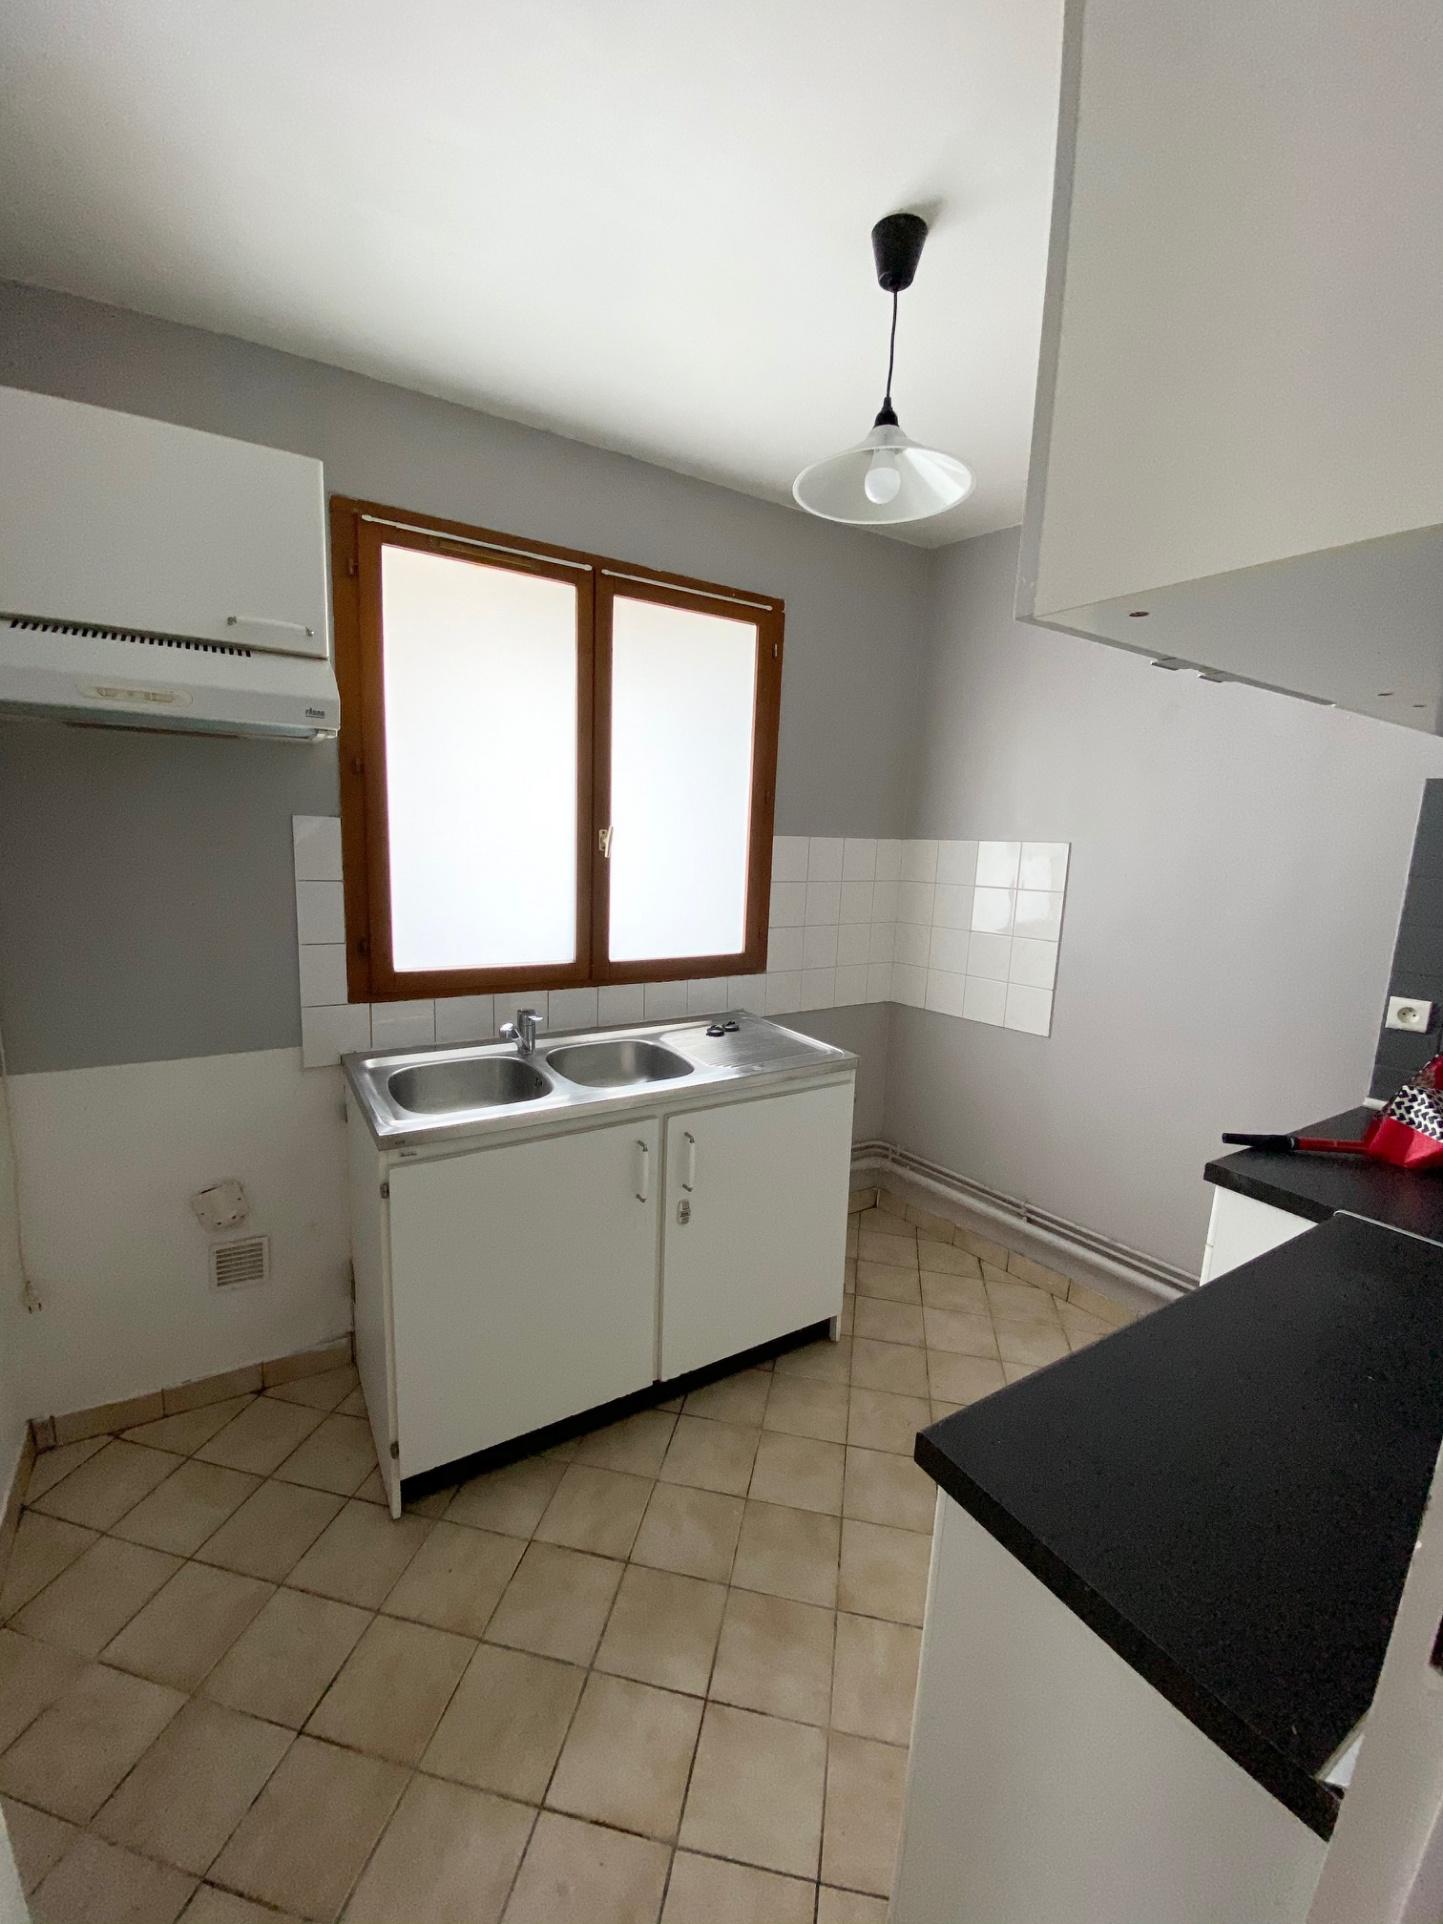 location Maison de 59.14m² à louer avec 2 chambres à Vert-Le-Petit